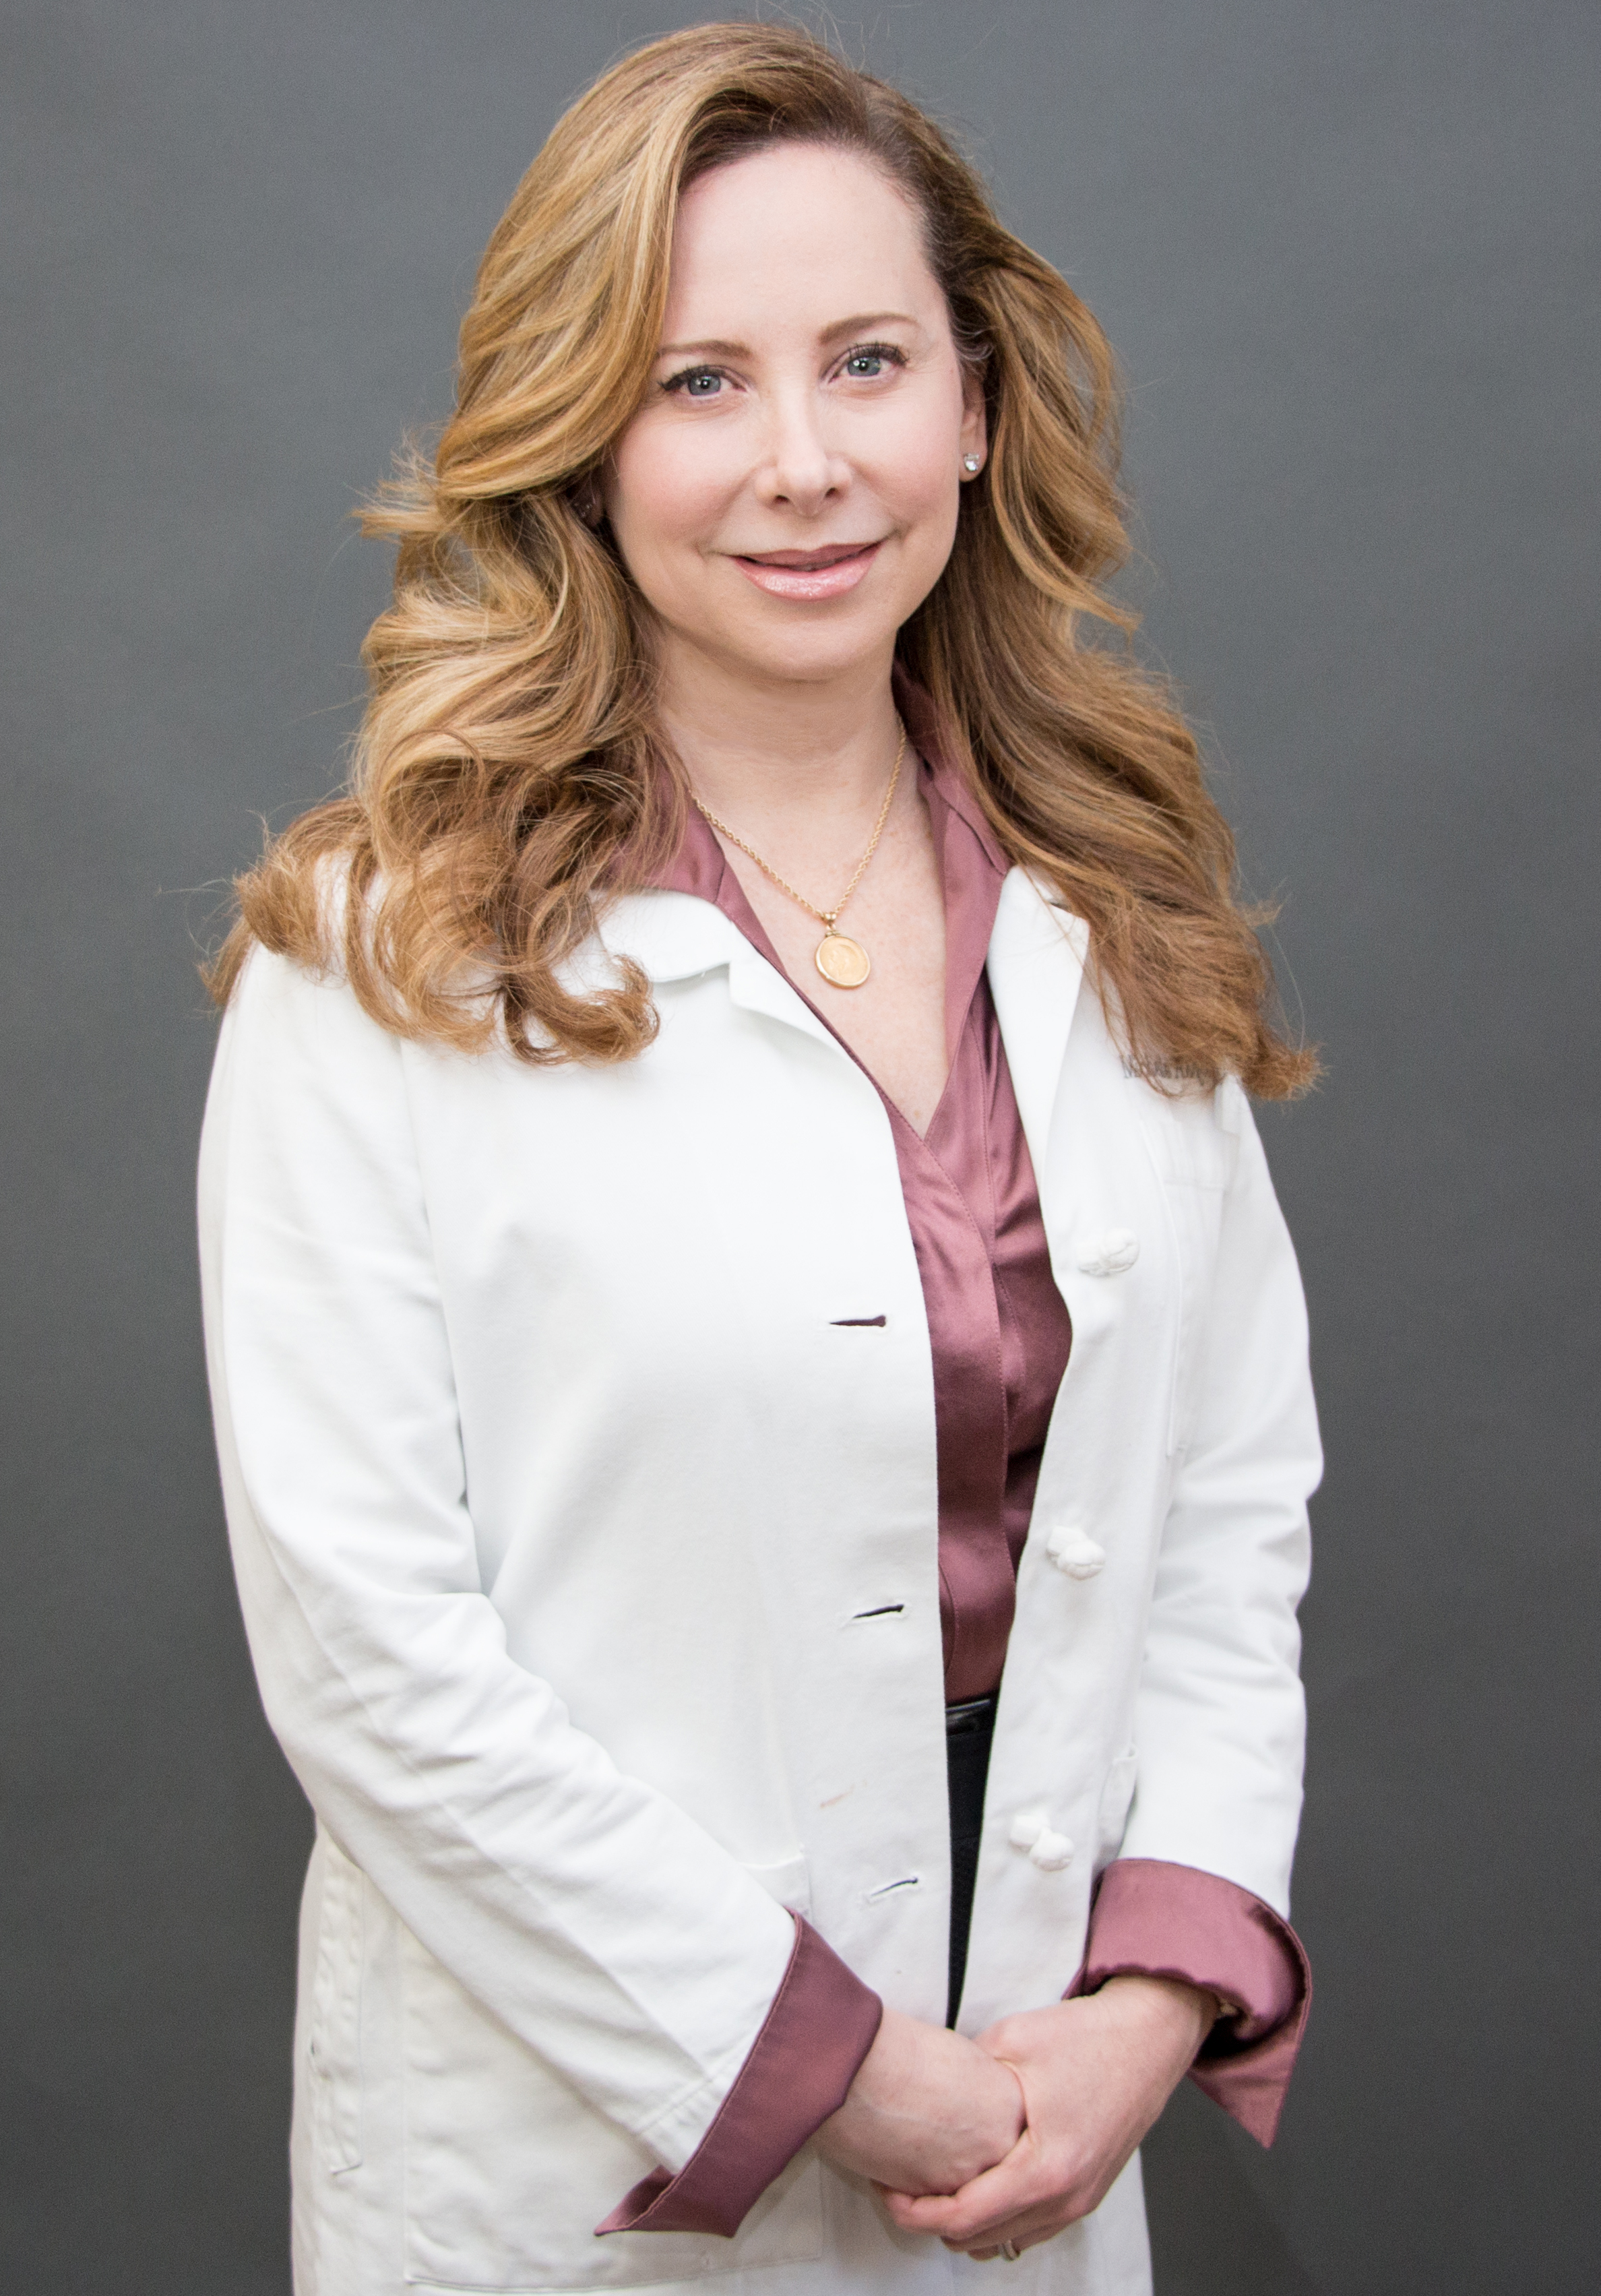 Michelle-Aszterbaum-MD-Dermatology-Orange-County